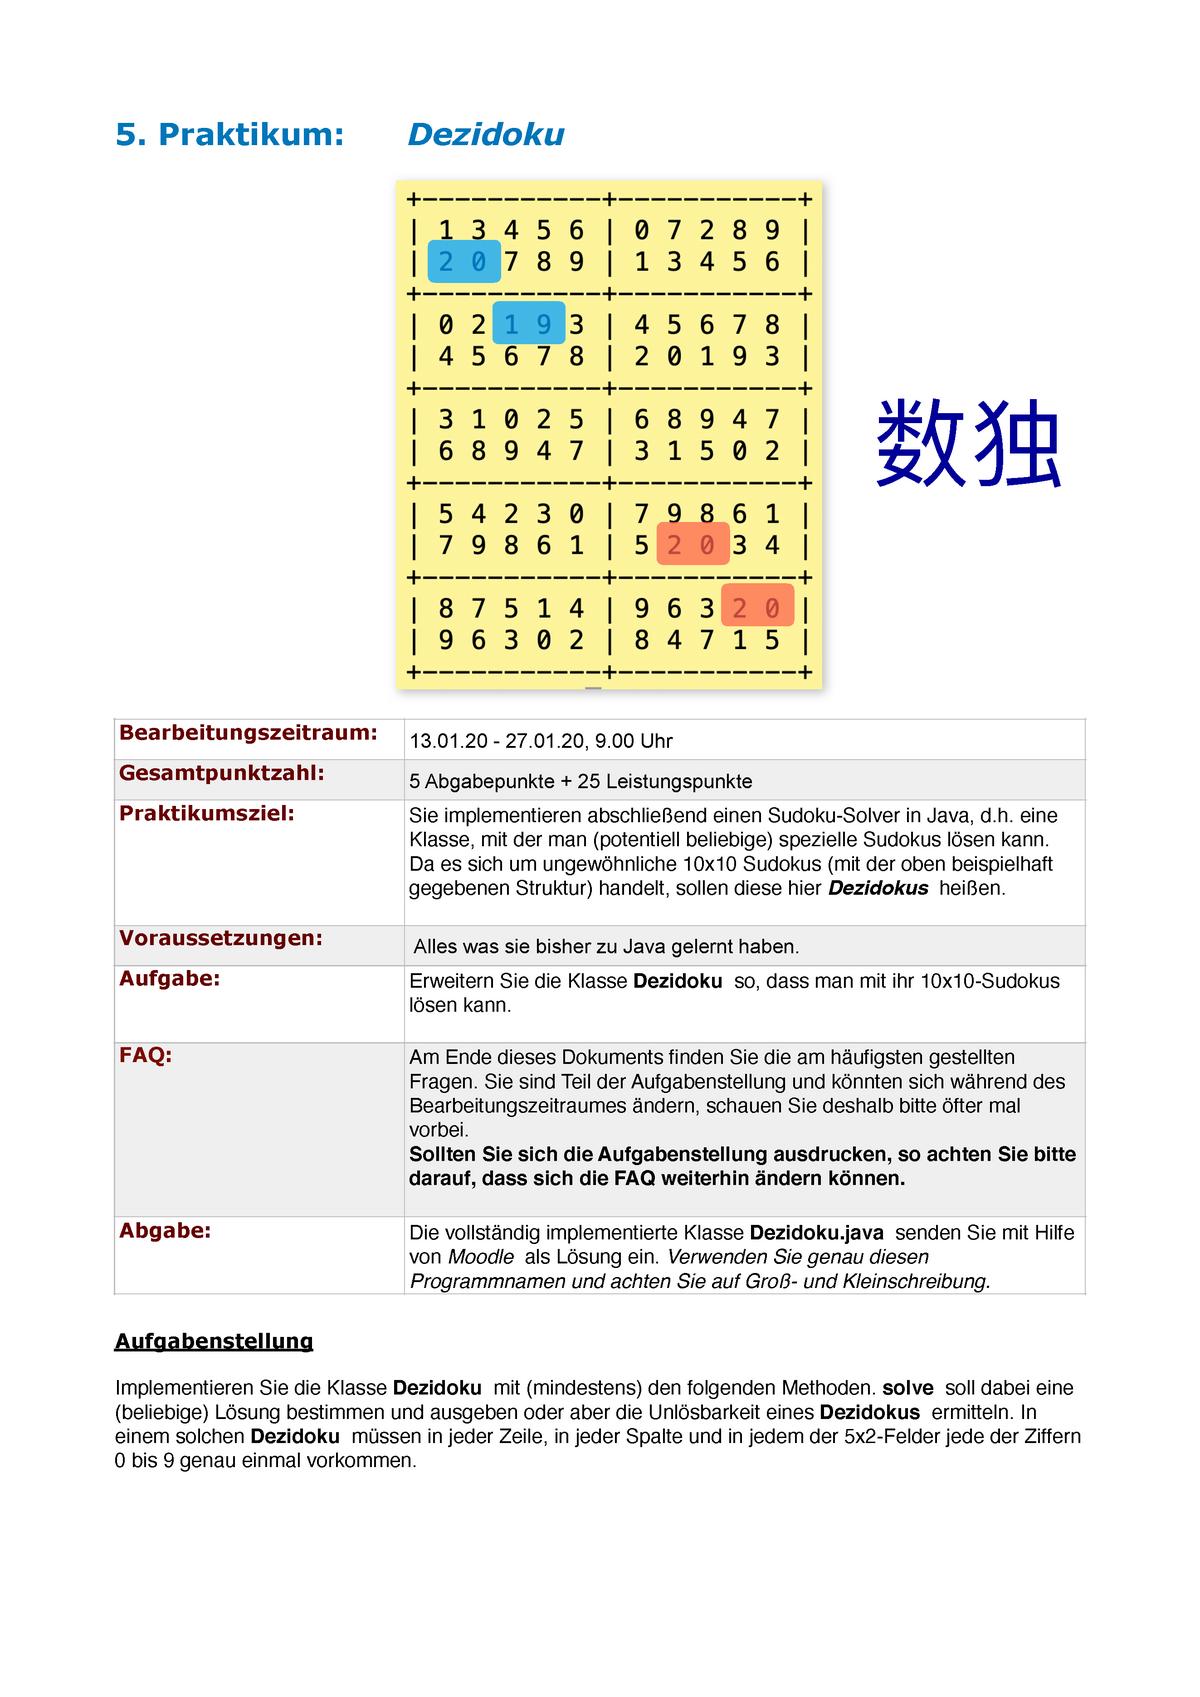 20   20. Praktikum Dezidoku Aufgabenstellung Implementieren Sie die ...